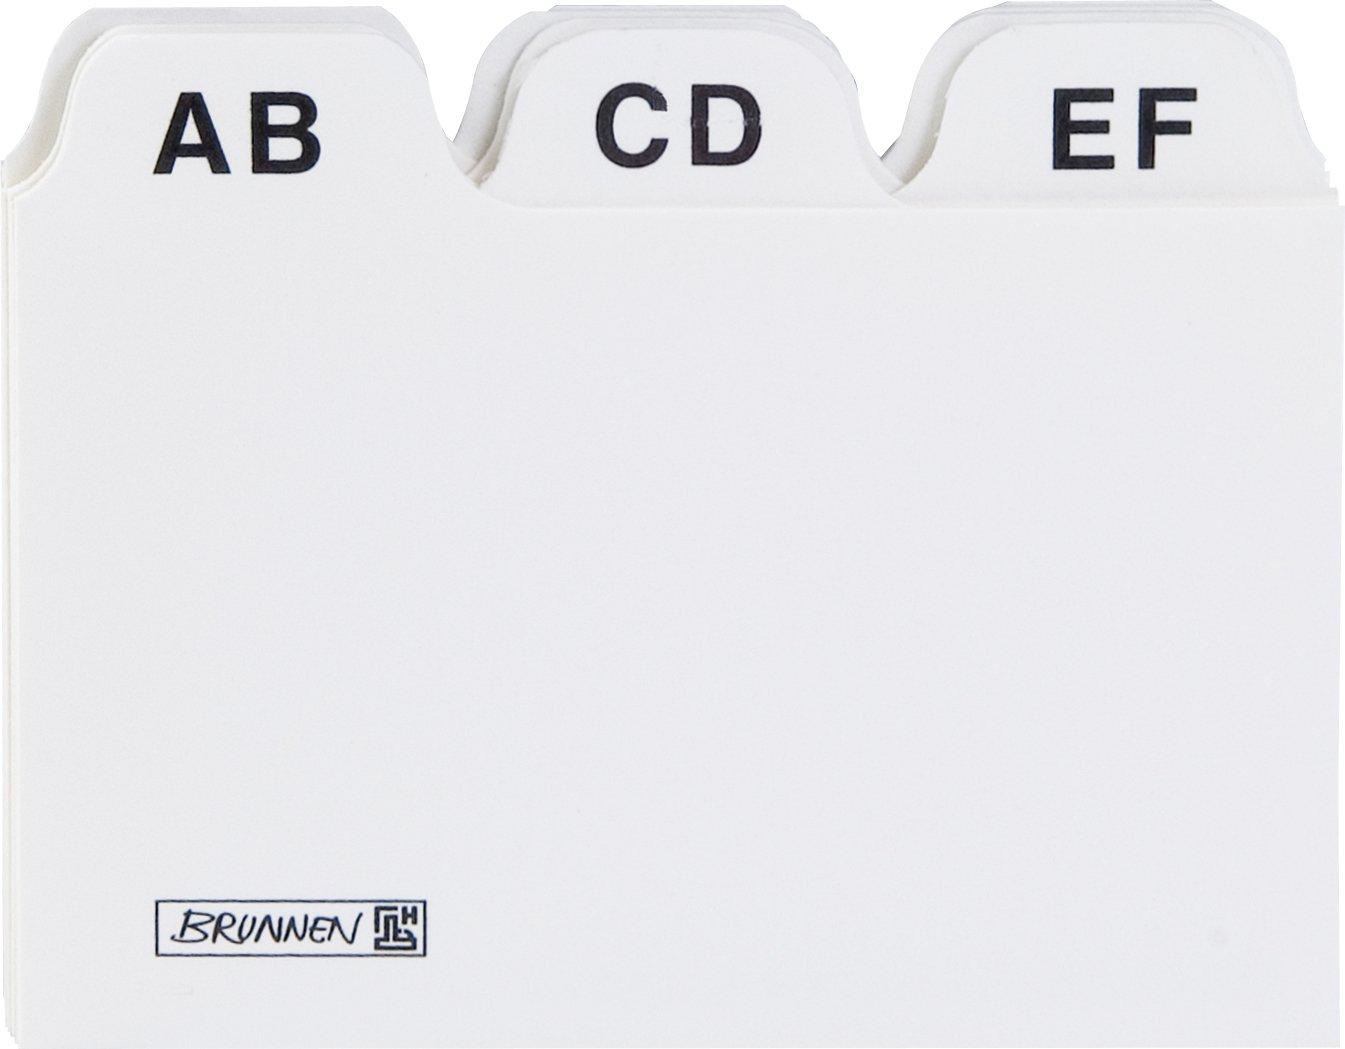 Baier & Schneider - Divisori alfabetici in cartone, formato A8, colore: bianco 1023718